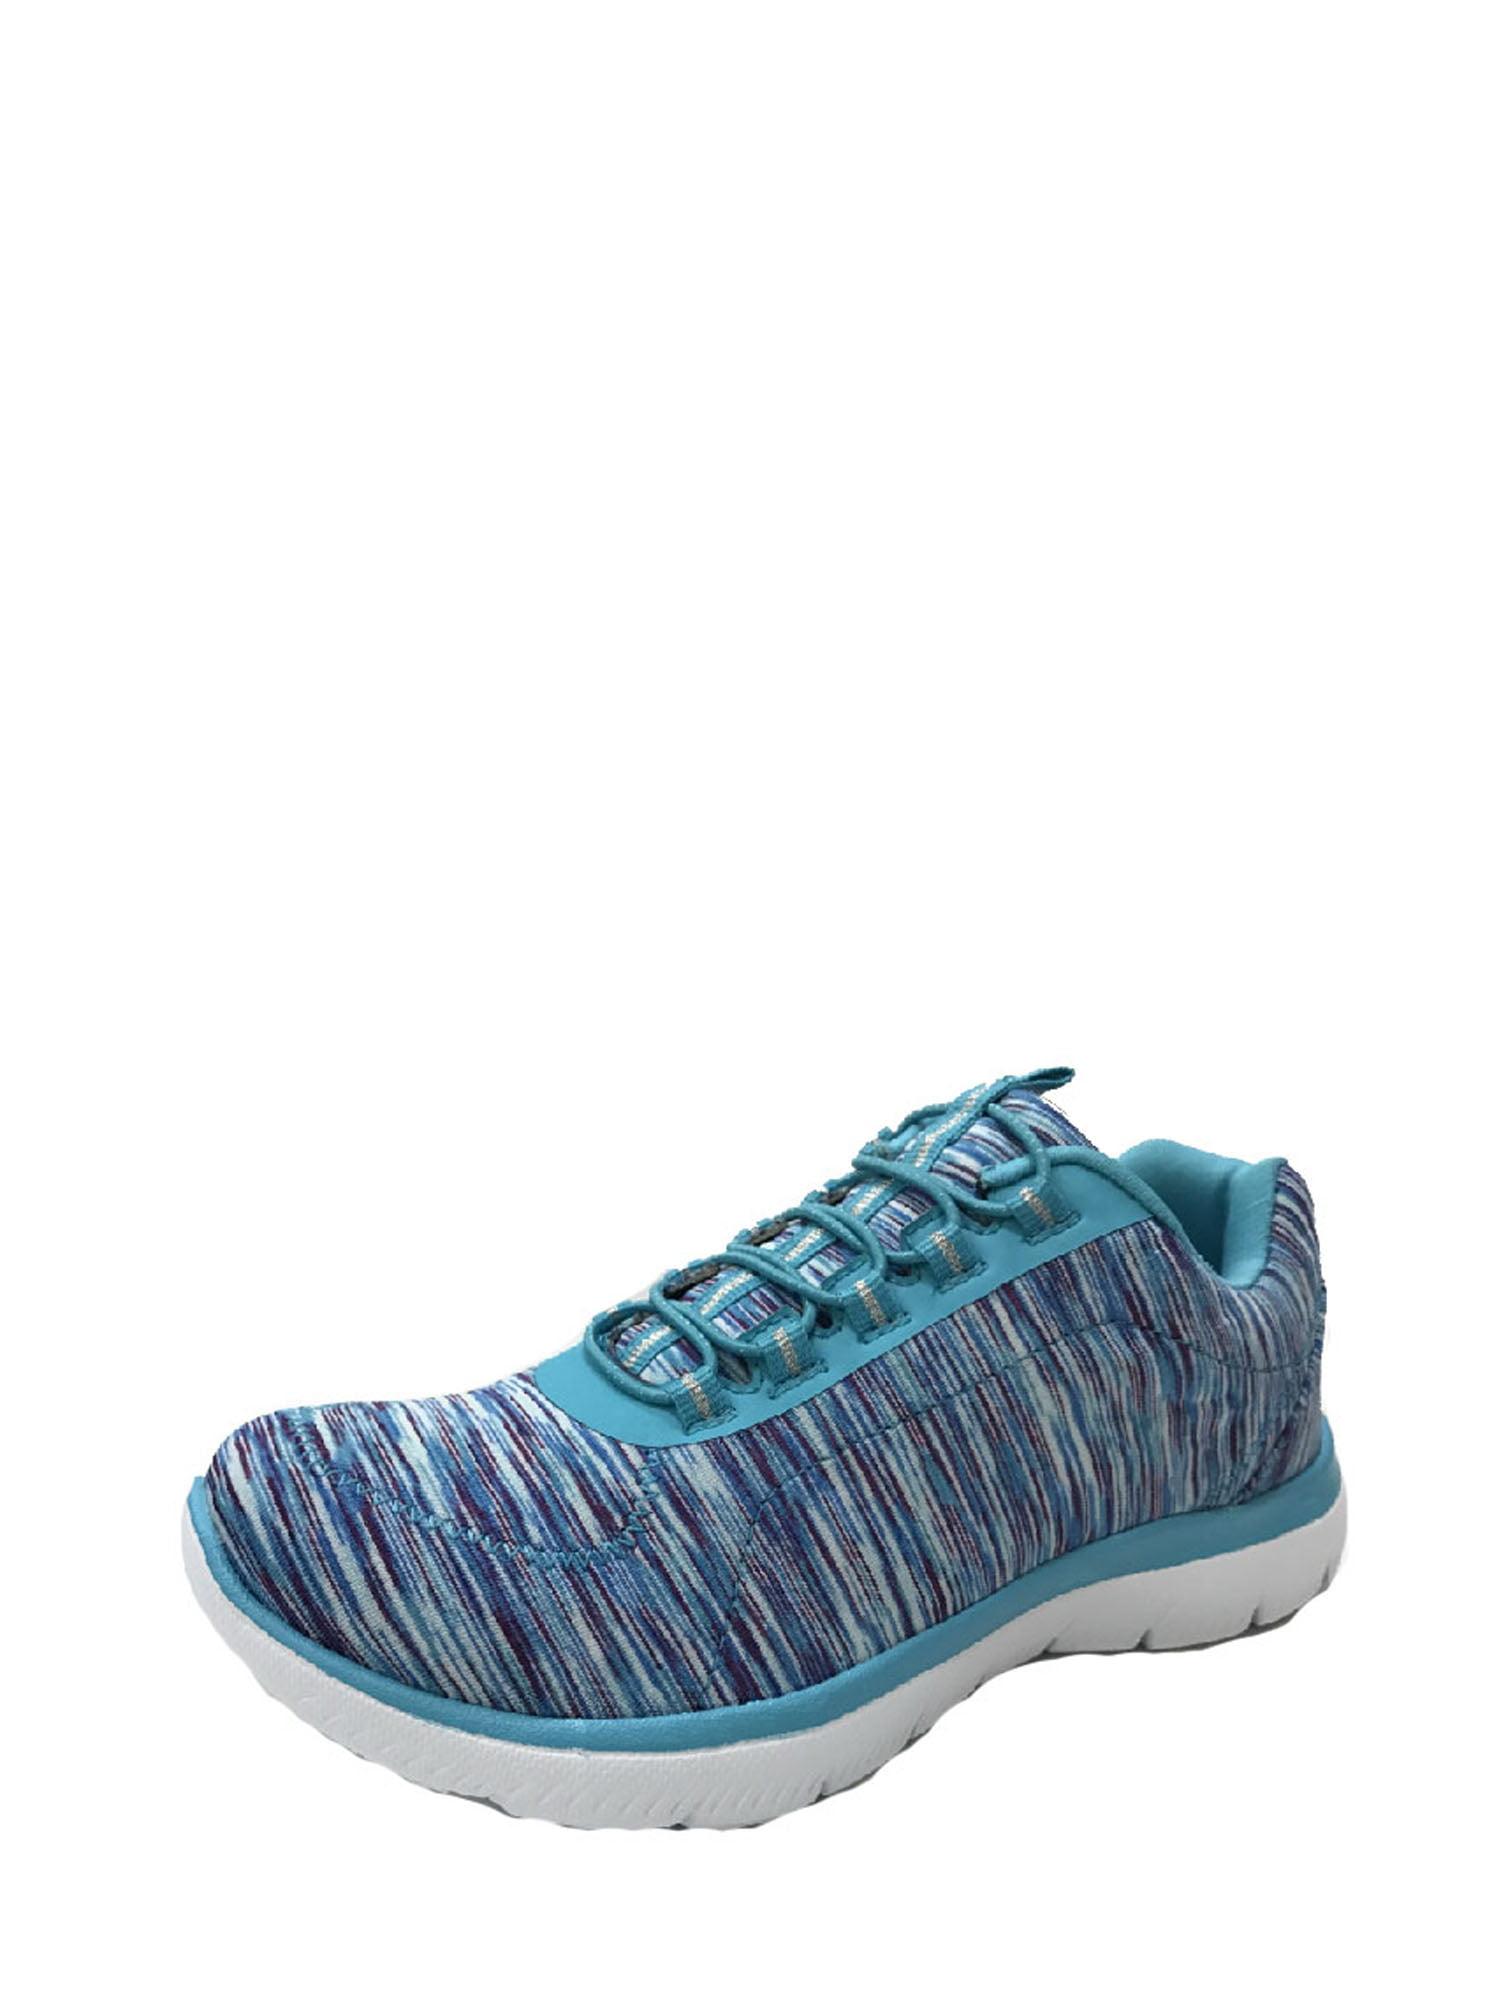 Danskin Now Women's Multi Bungee Athletic Shoe by Generic